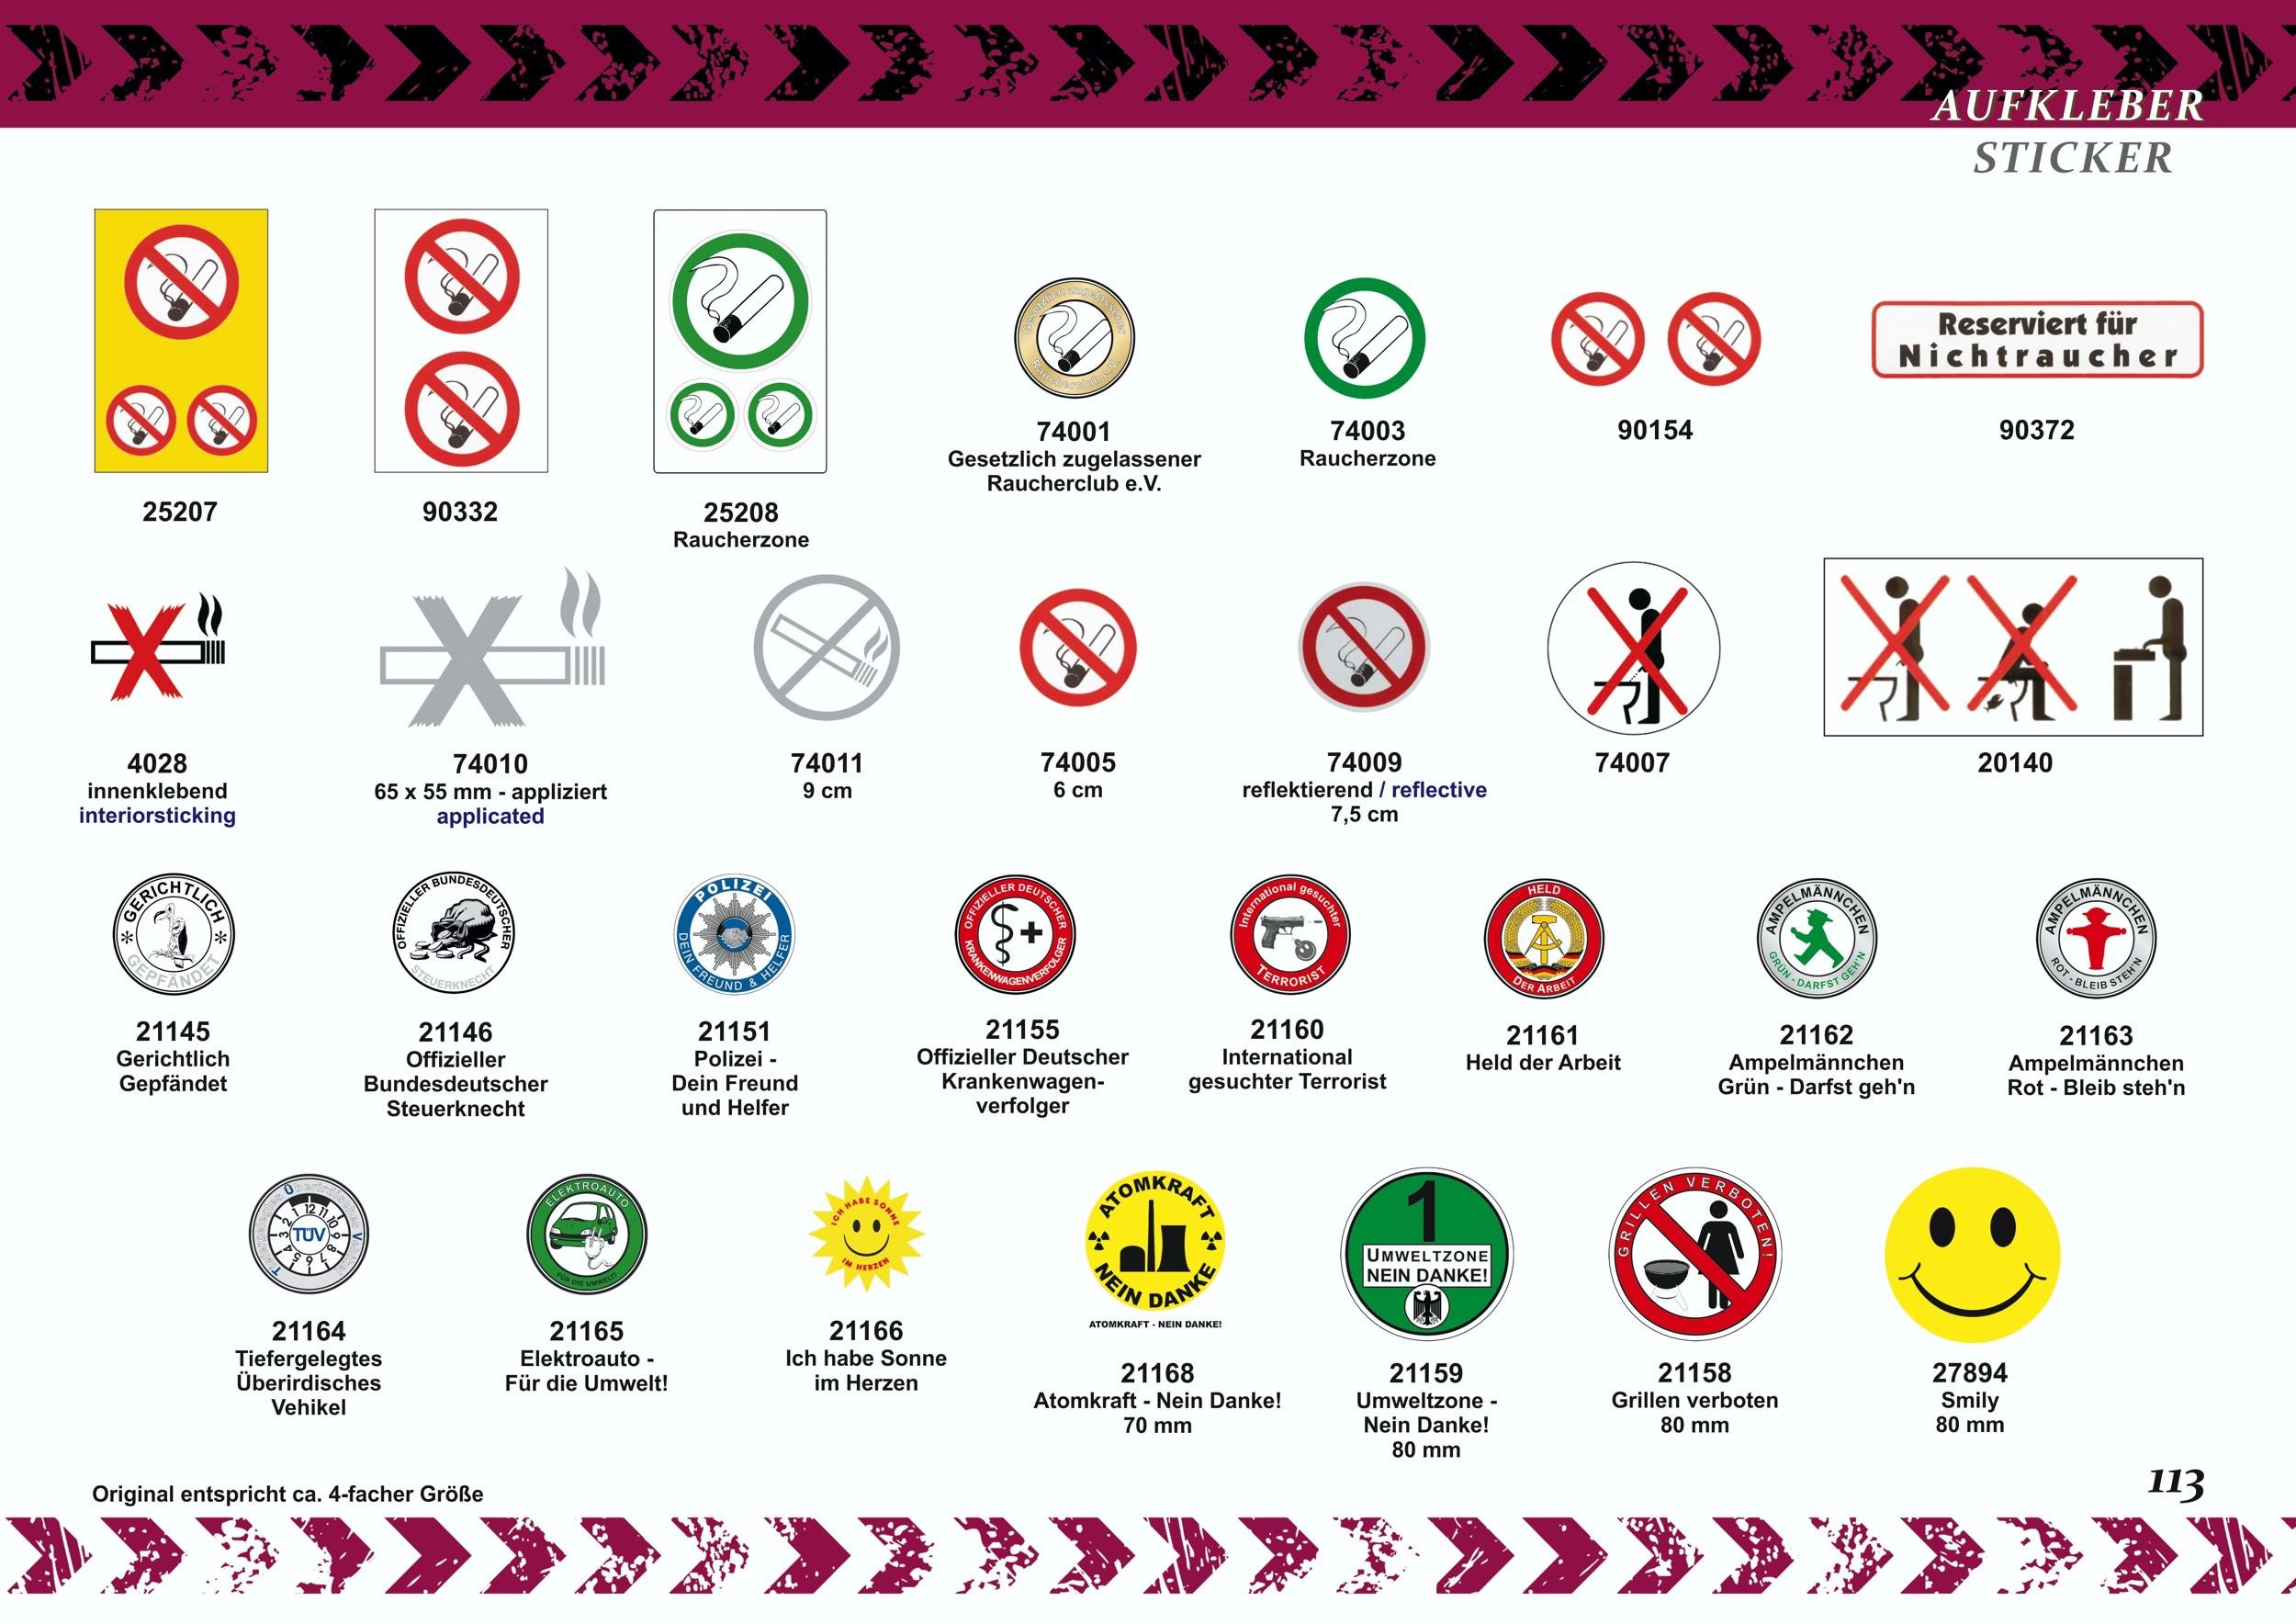 Autocollant Défense de fumer argent 110 x 130 mm appliqué – Bild 4